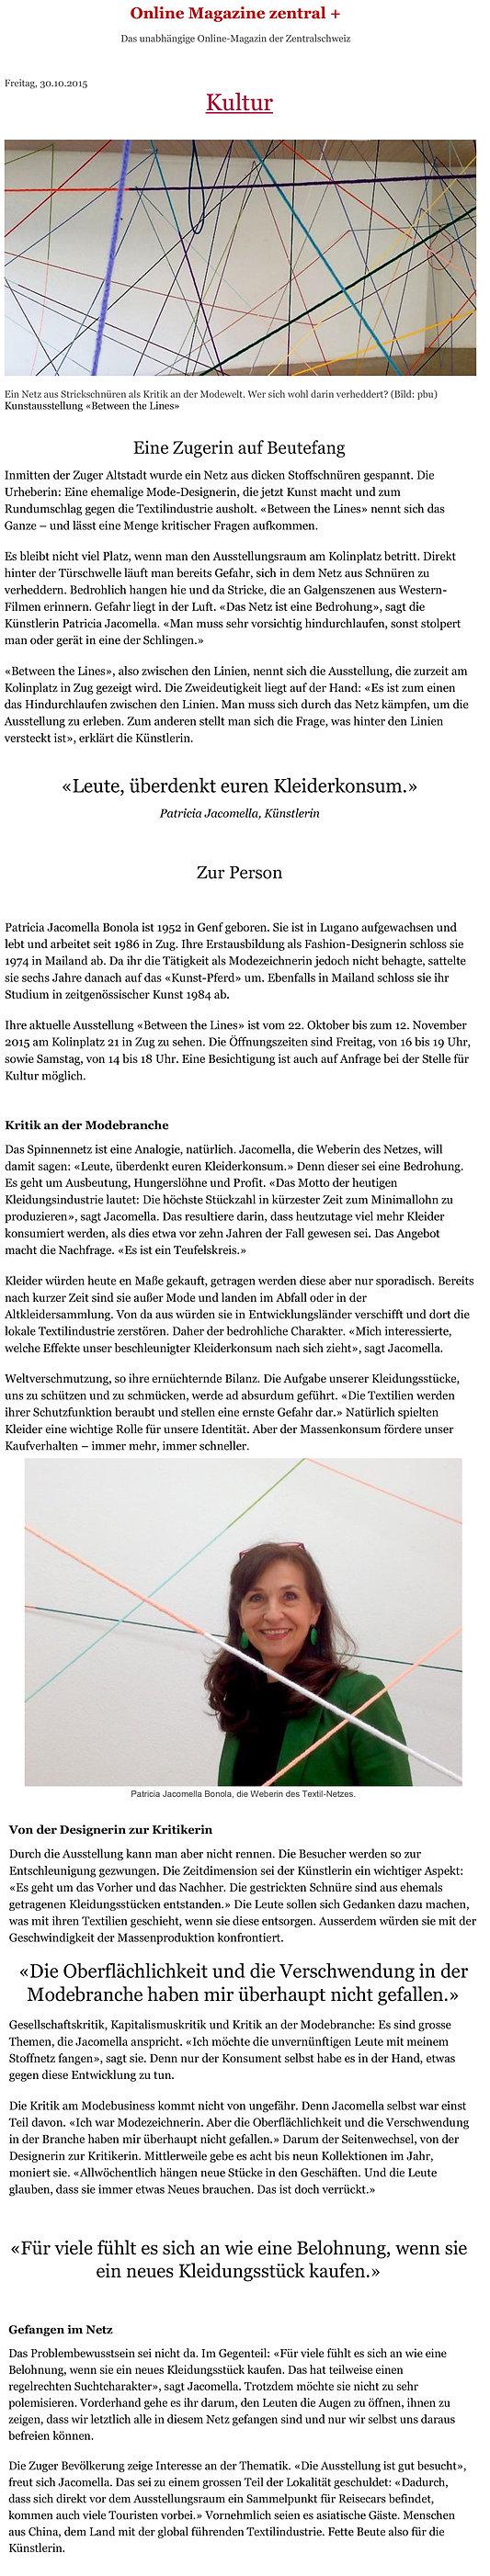 Online Magazine zentral Plus-1.jpg